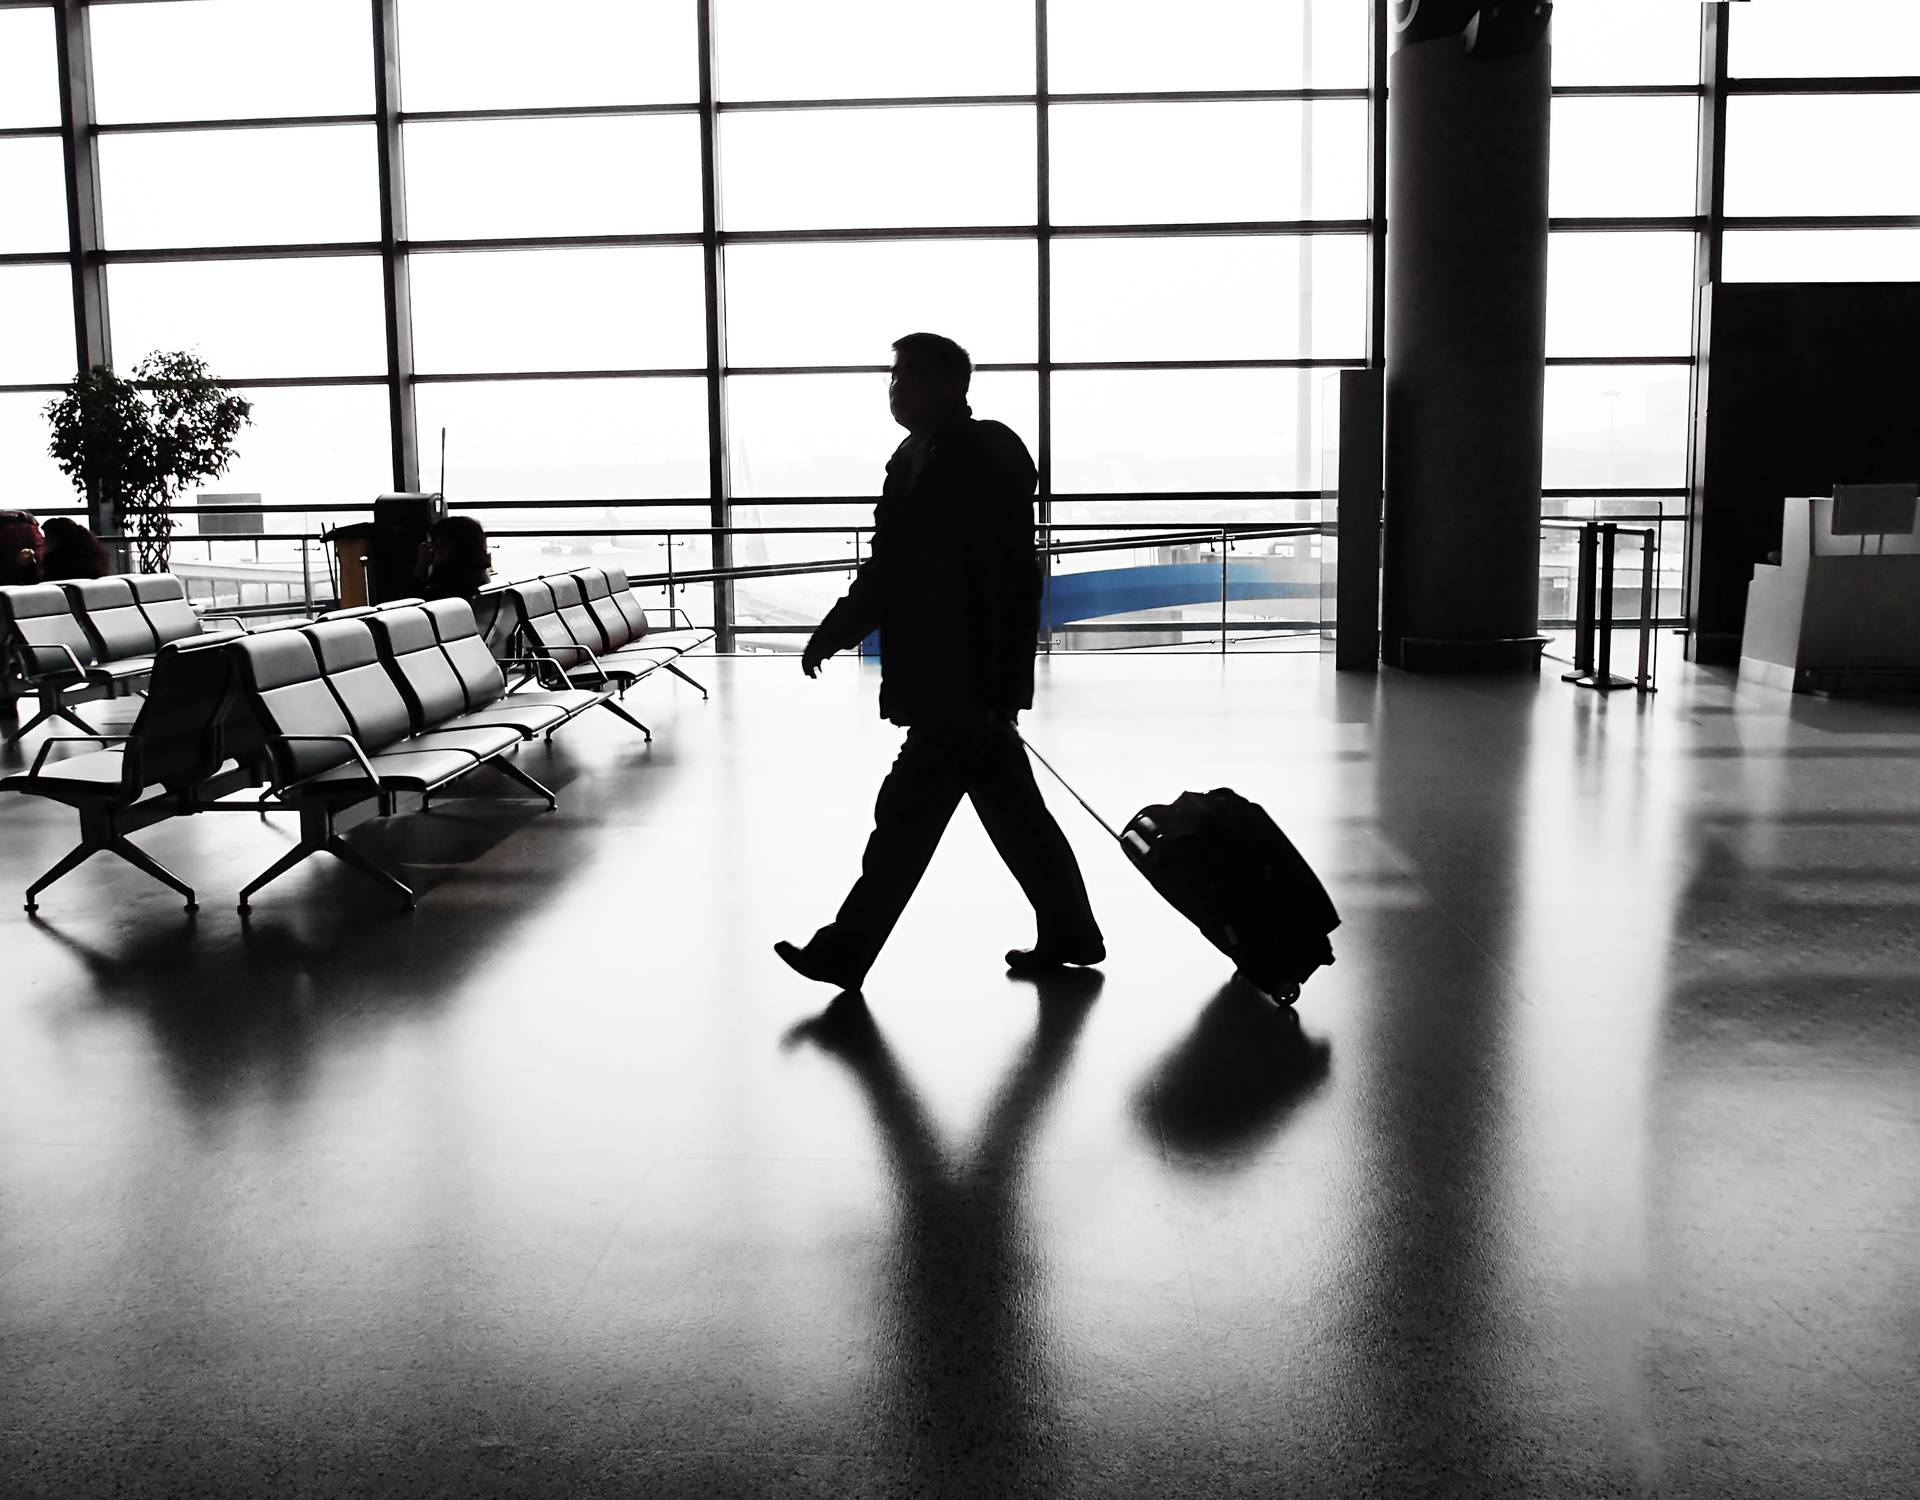 Deset stvari koje ljudi rade u zračnoj luci, a druge živciraju